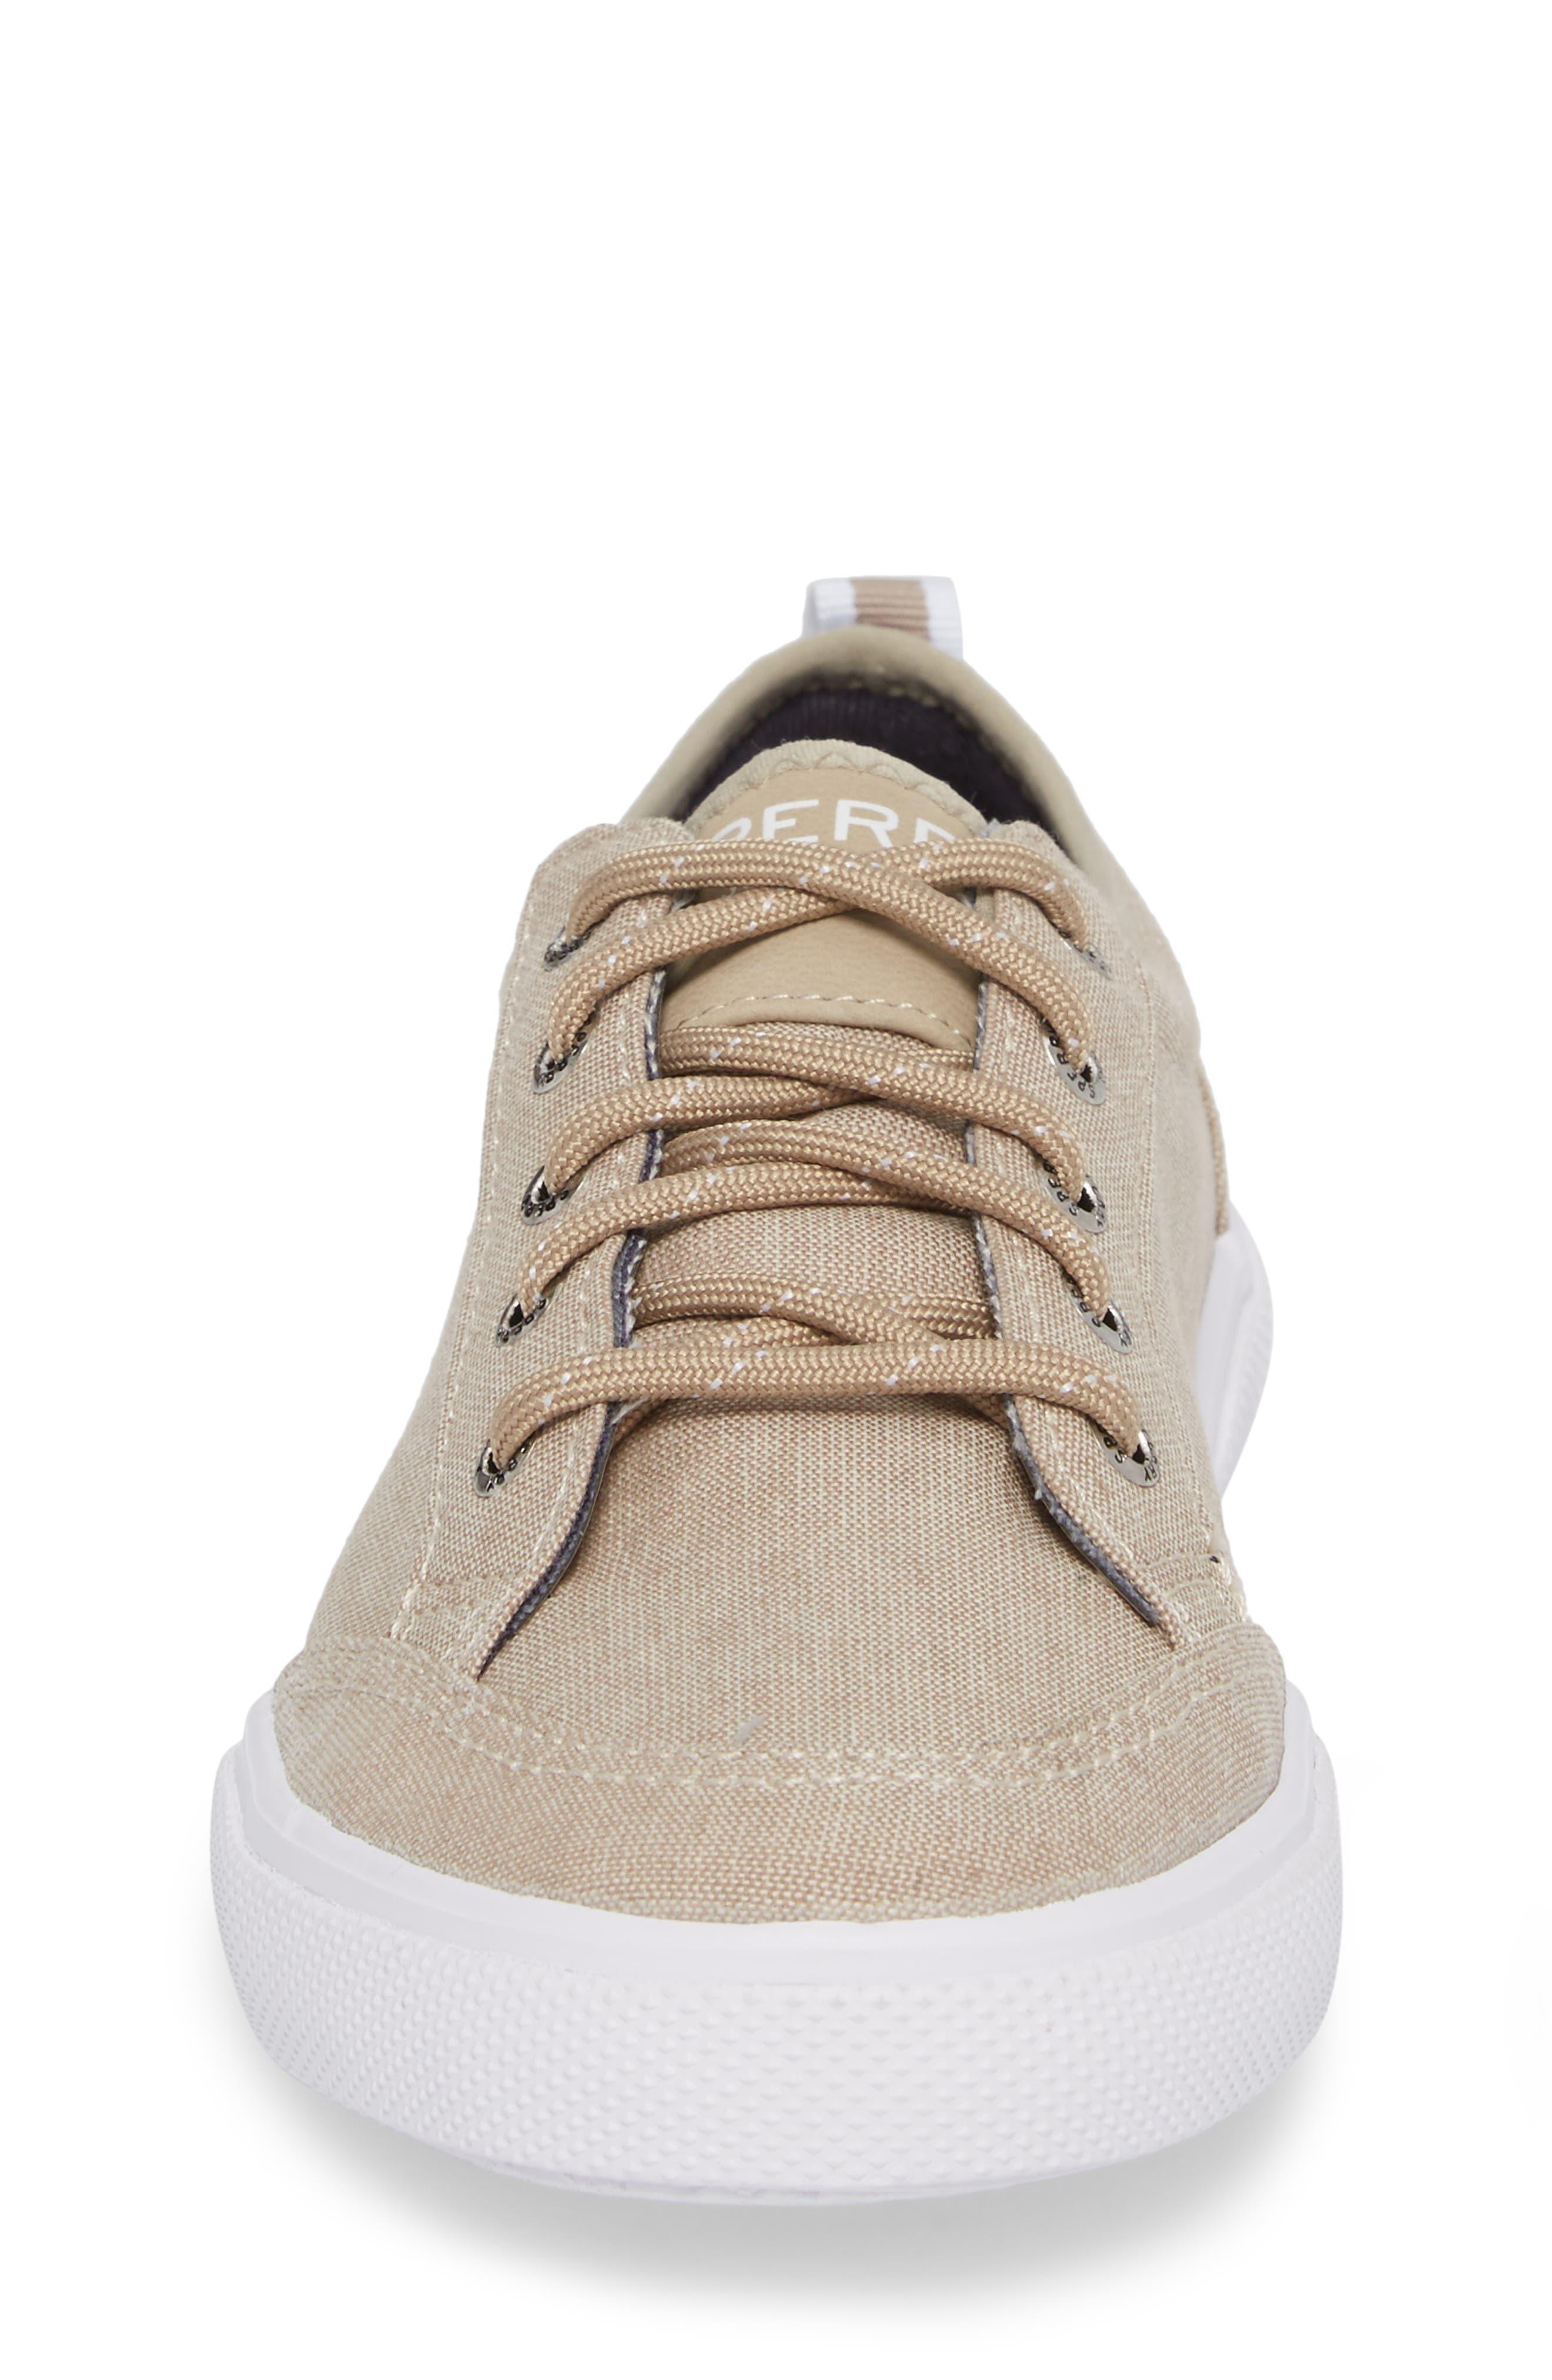 Deckfin Sneaker,                             Alternate thumbnail 4, color,                             Khaki